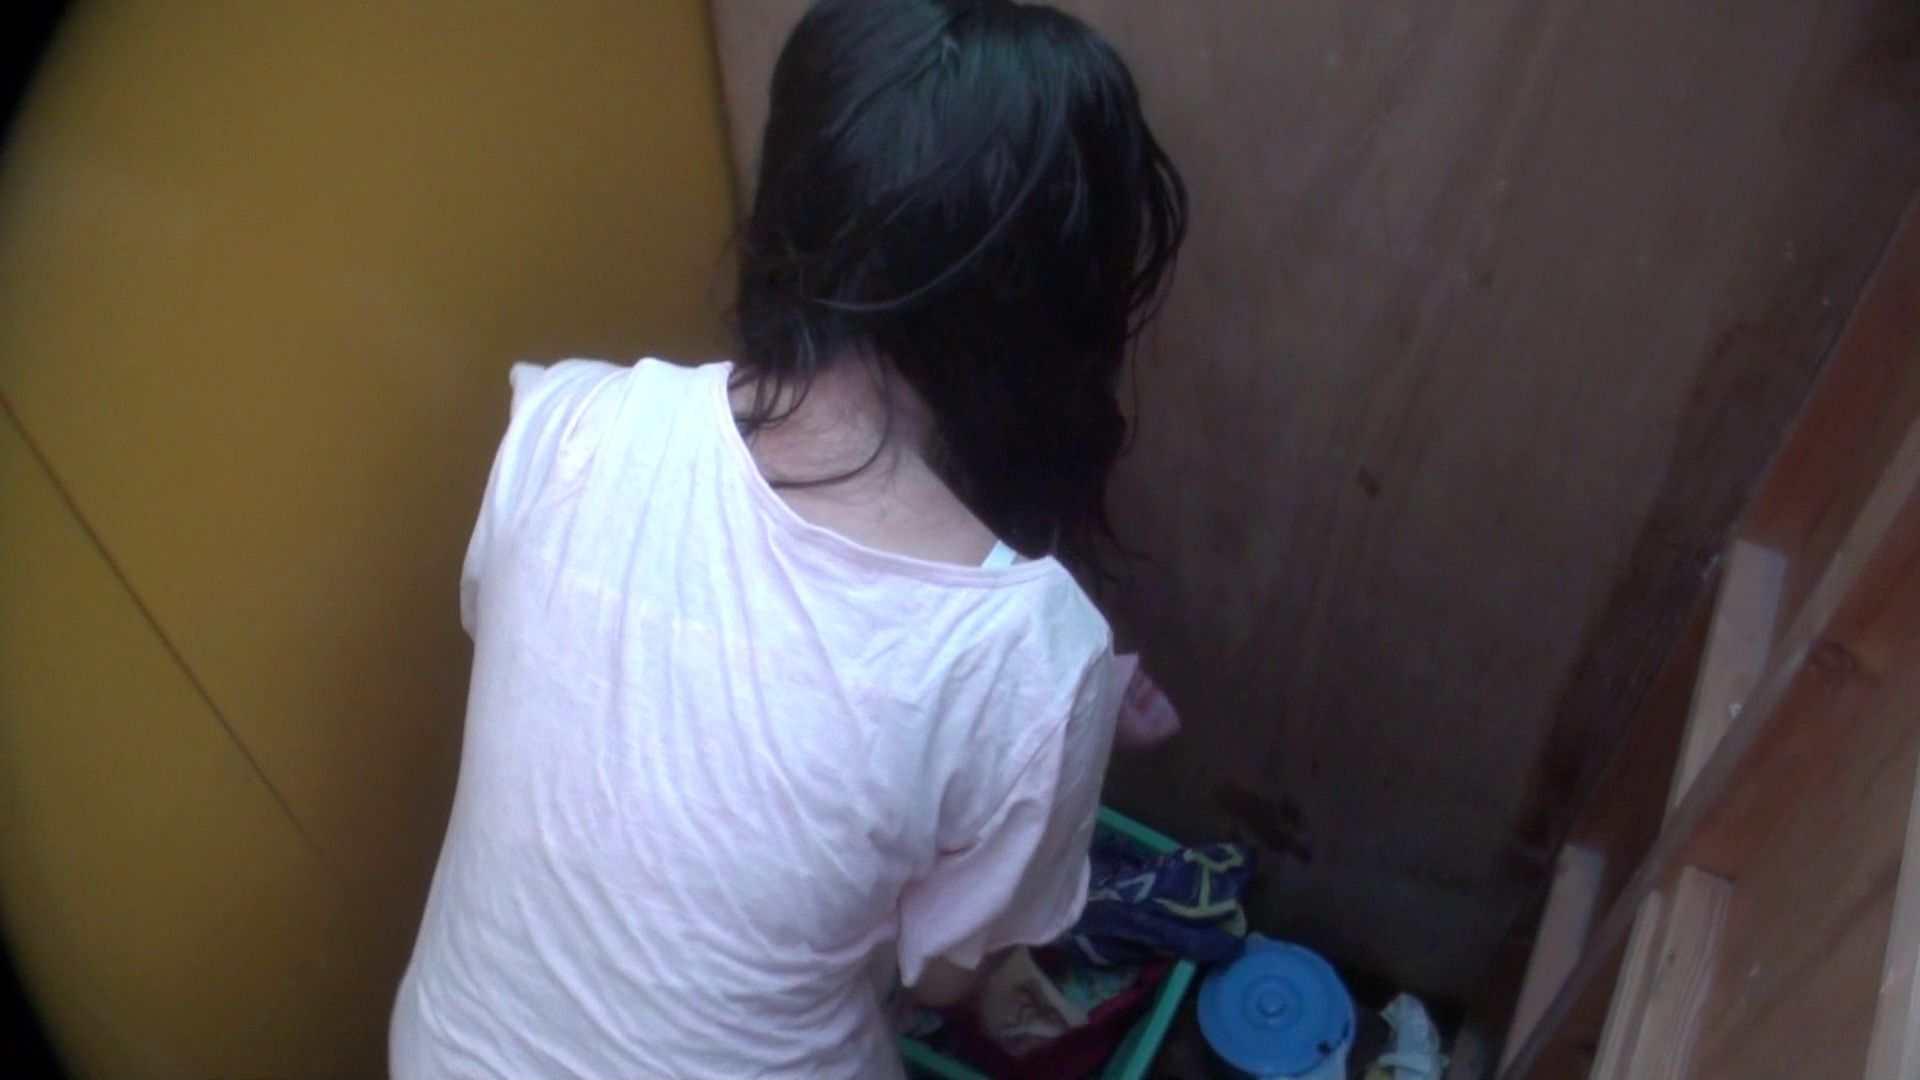 シャワールームは超!!危険な香りVol.13 ムッチムチのいやらしい身体つき OLエロ画像   シャワー  29PICs 4